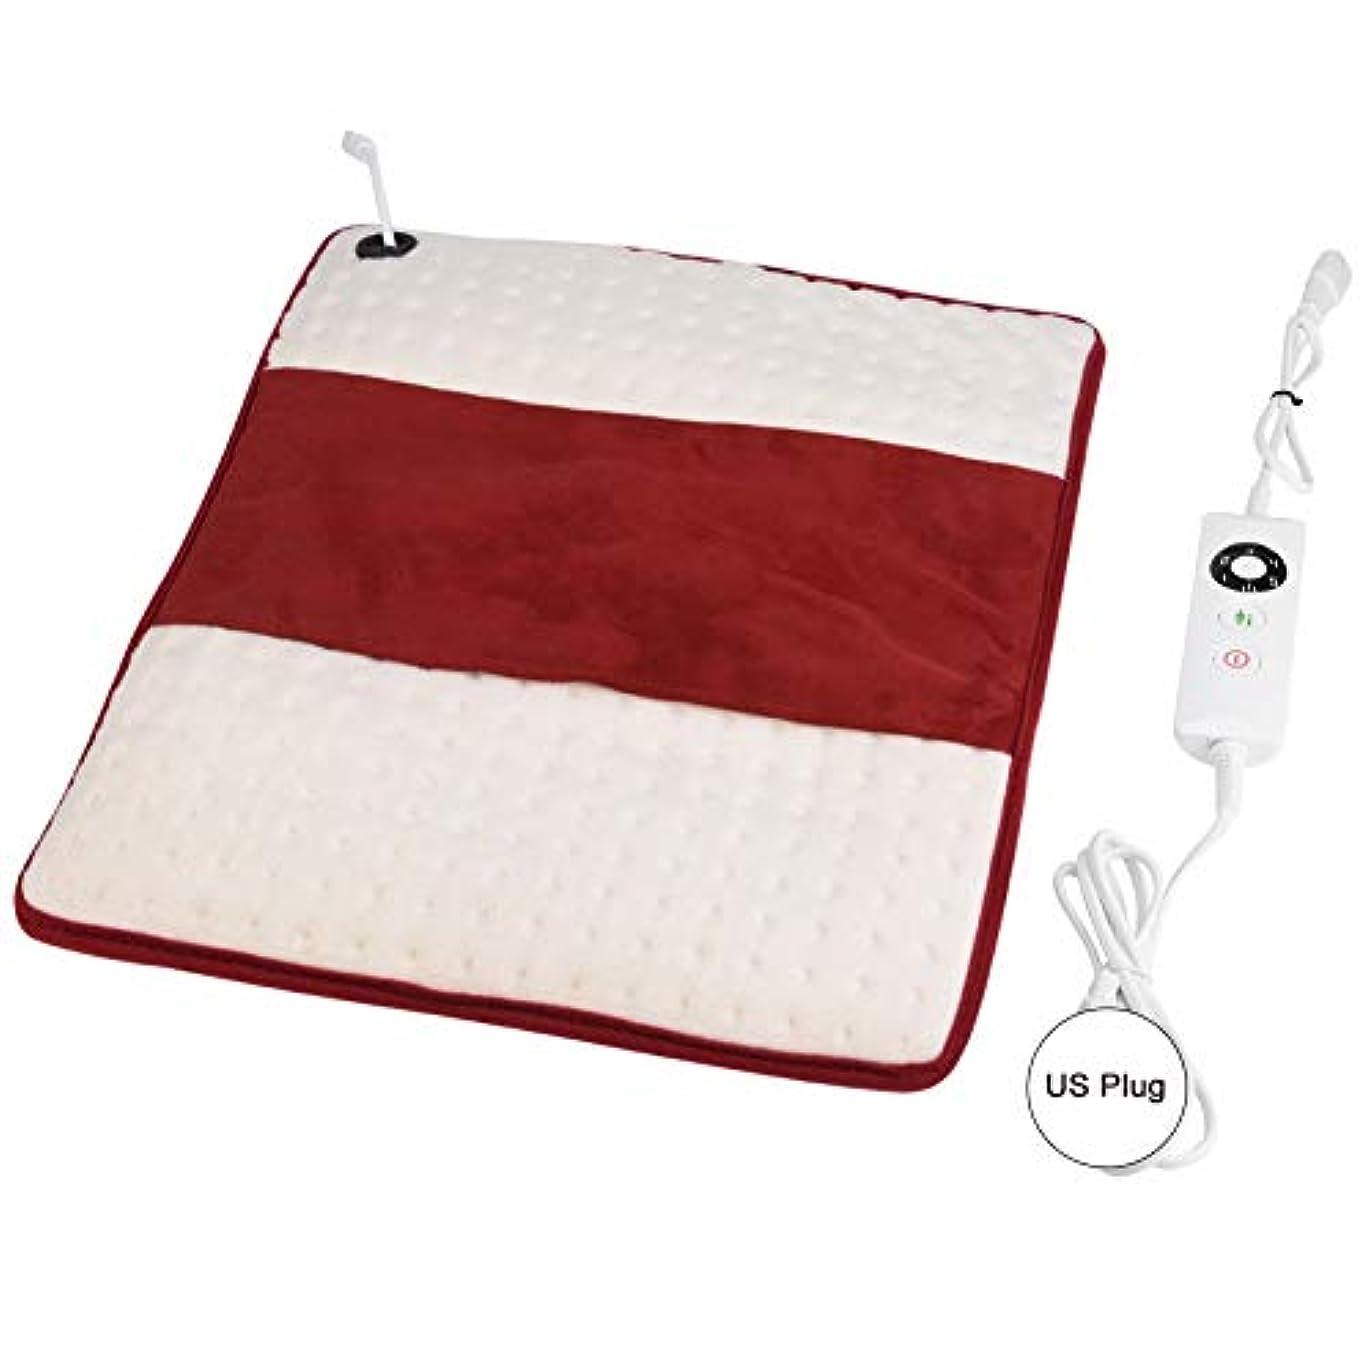 濃度沼地溶けた電気暖房のパッド、多機能の電気暖房療法のパッドの洗濯できる腰痛の救助のマット(US Plug)